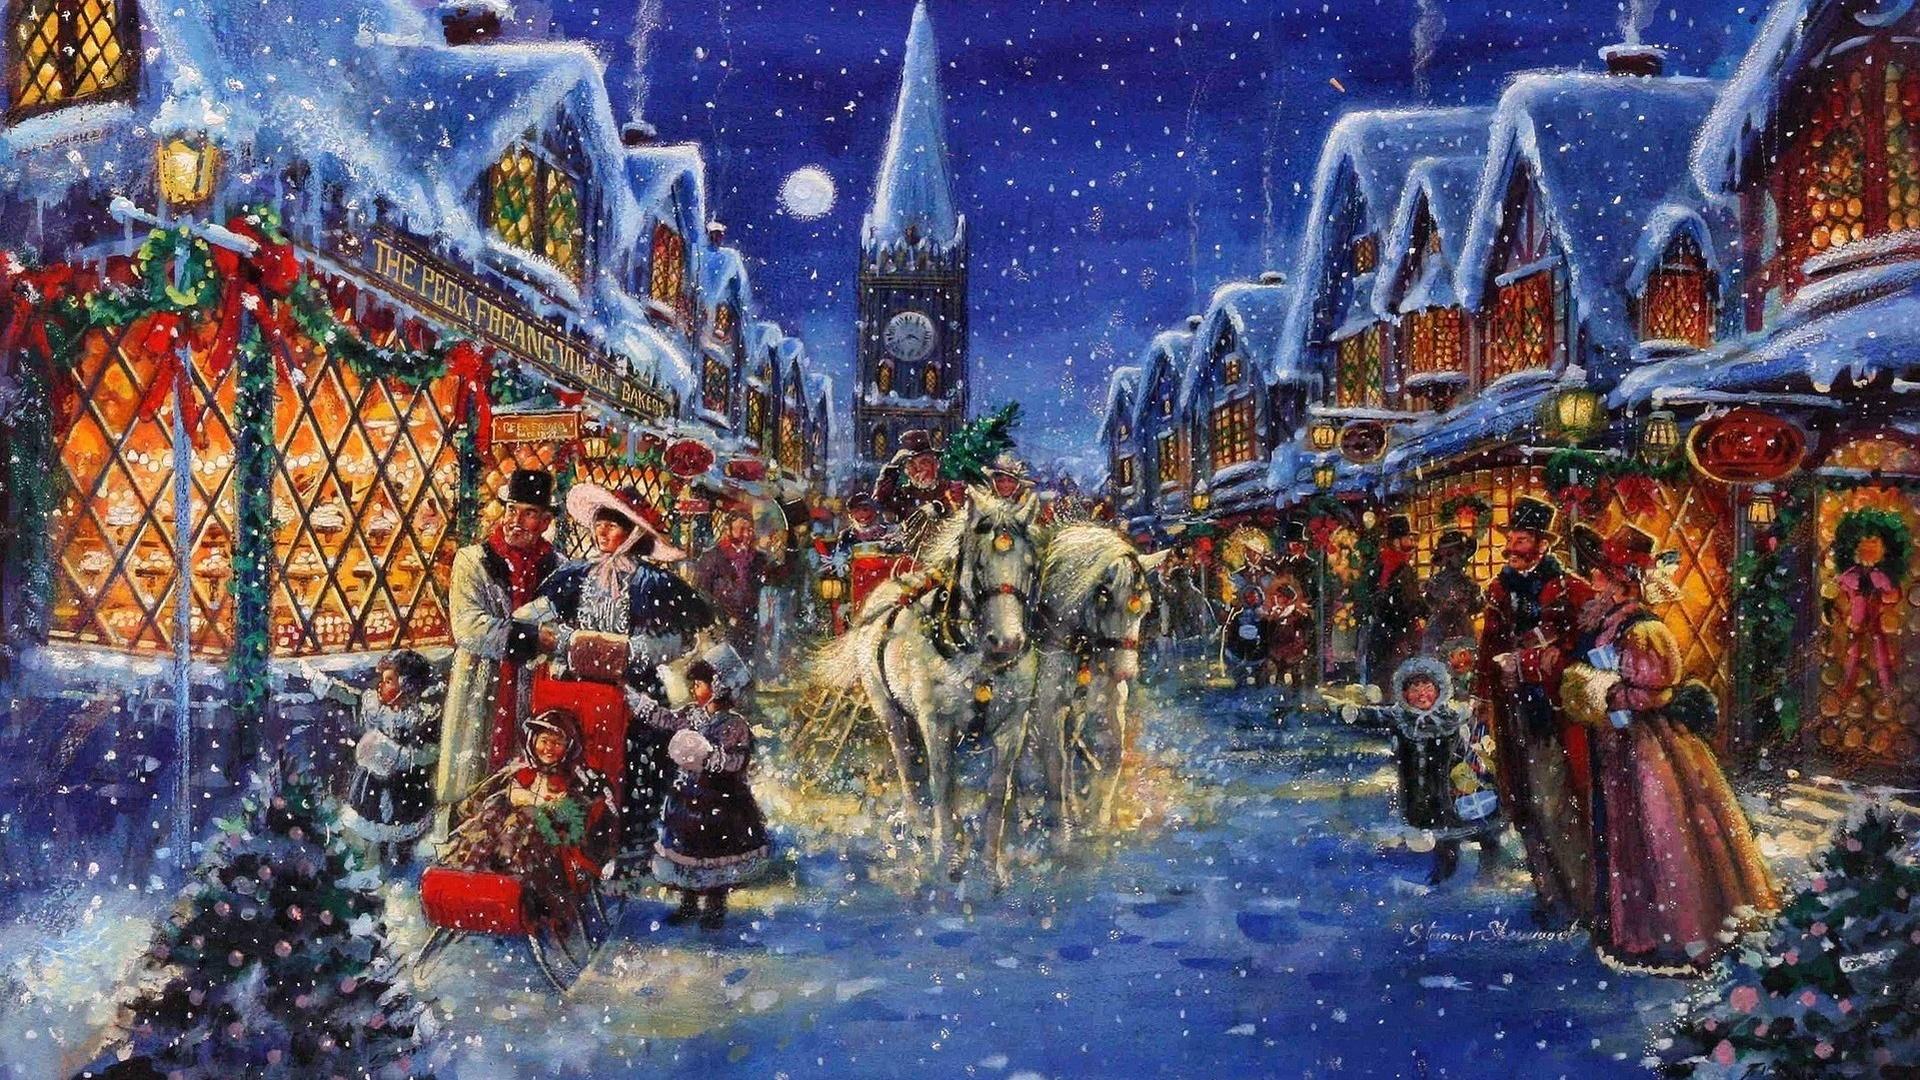 рождество, вечерний город, зима, снег, праздник, stewart sherwood